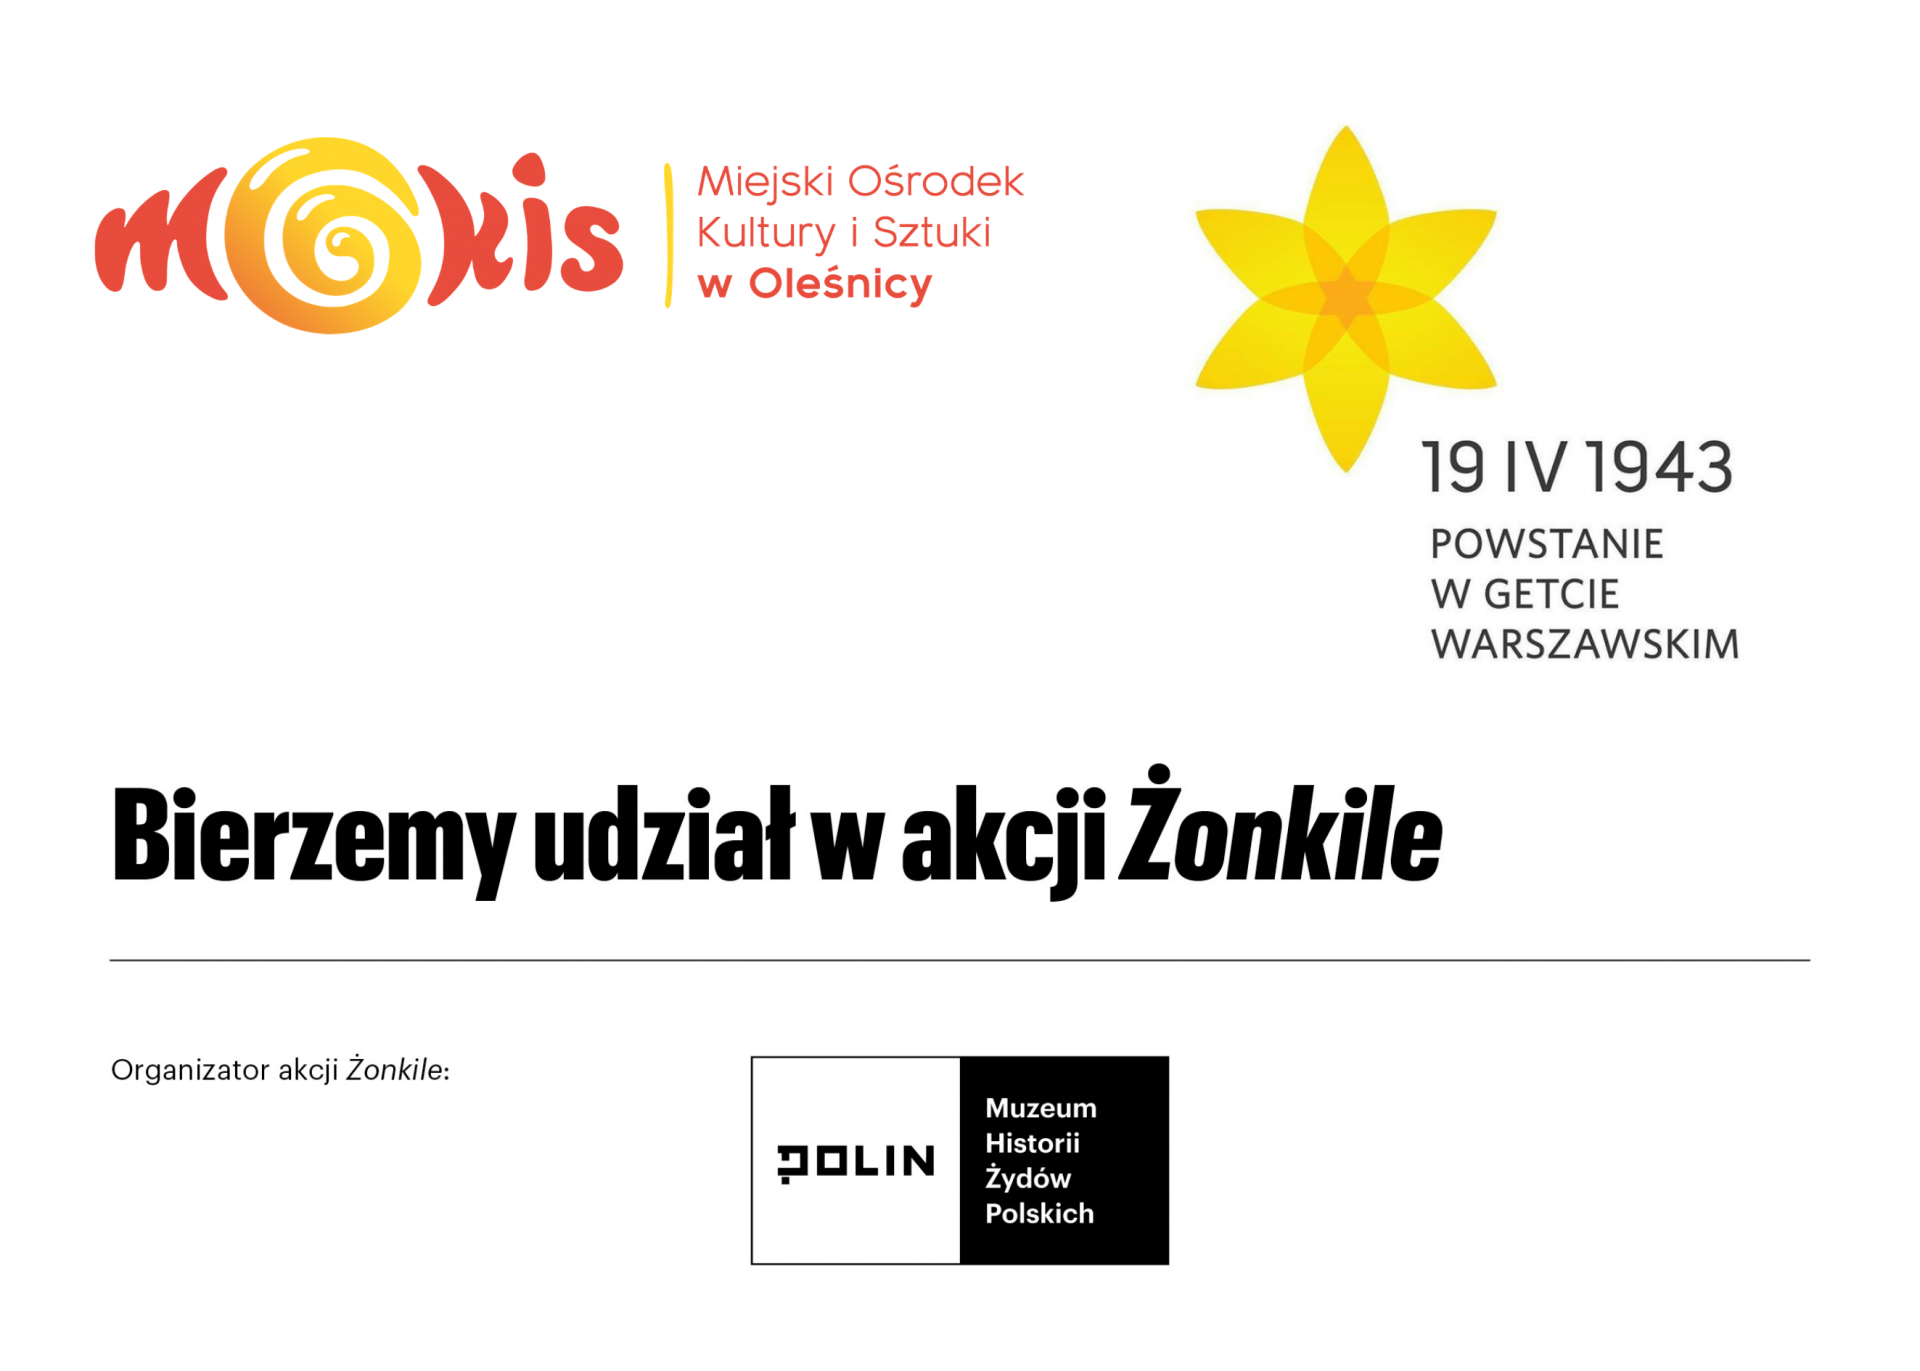 plakat ŻONKILE